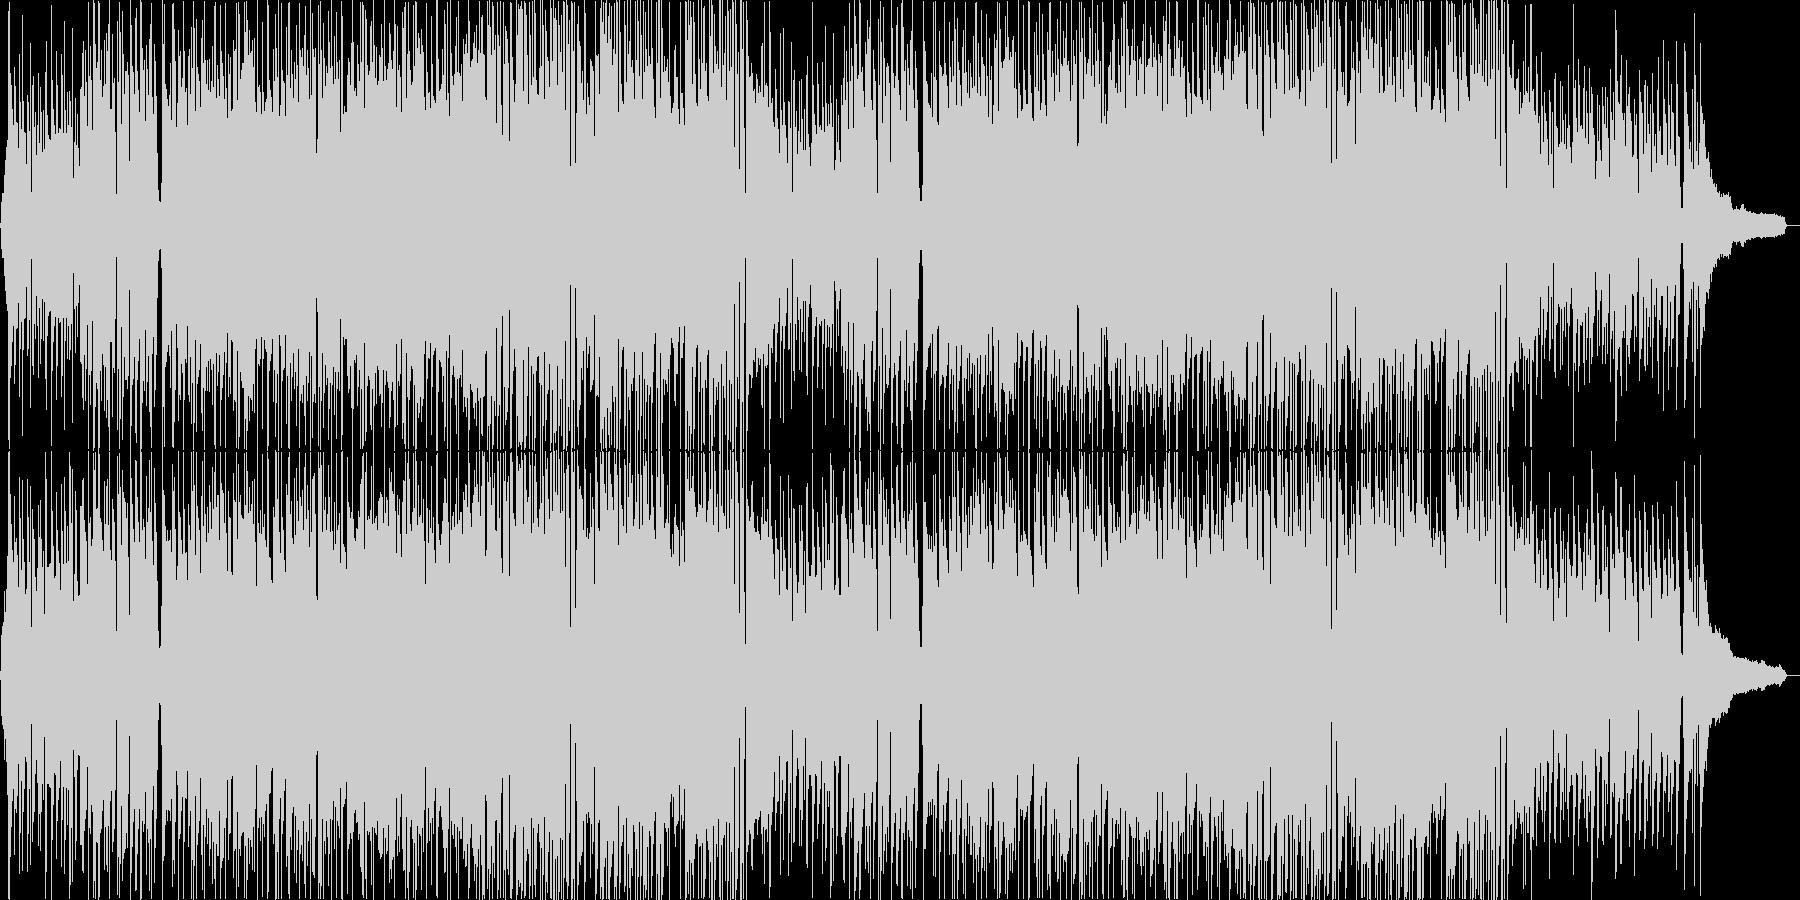 明るくポップでかわいい感じの曲の未再生の波形